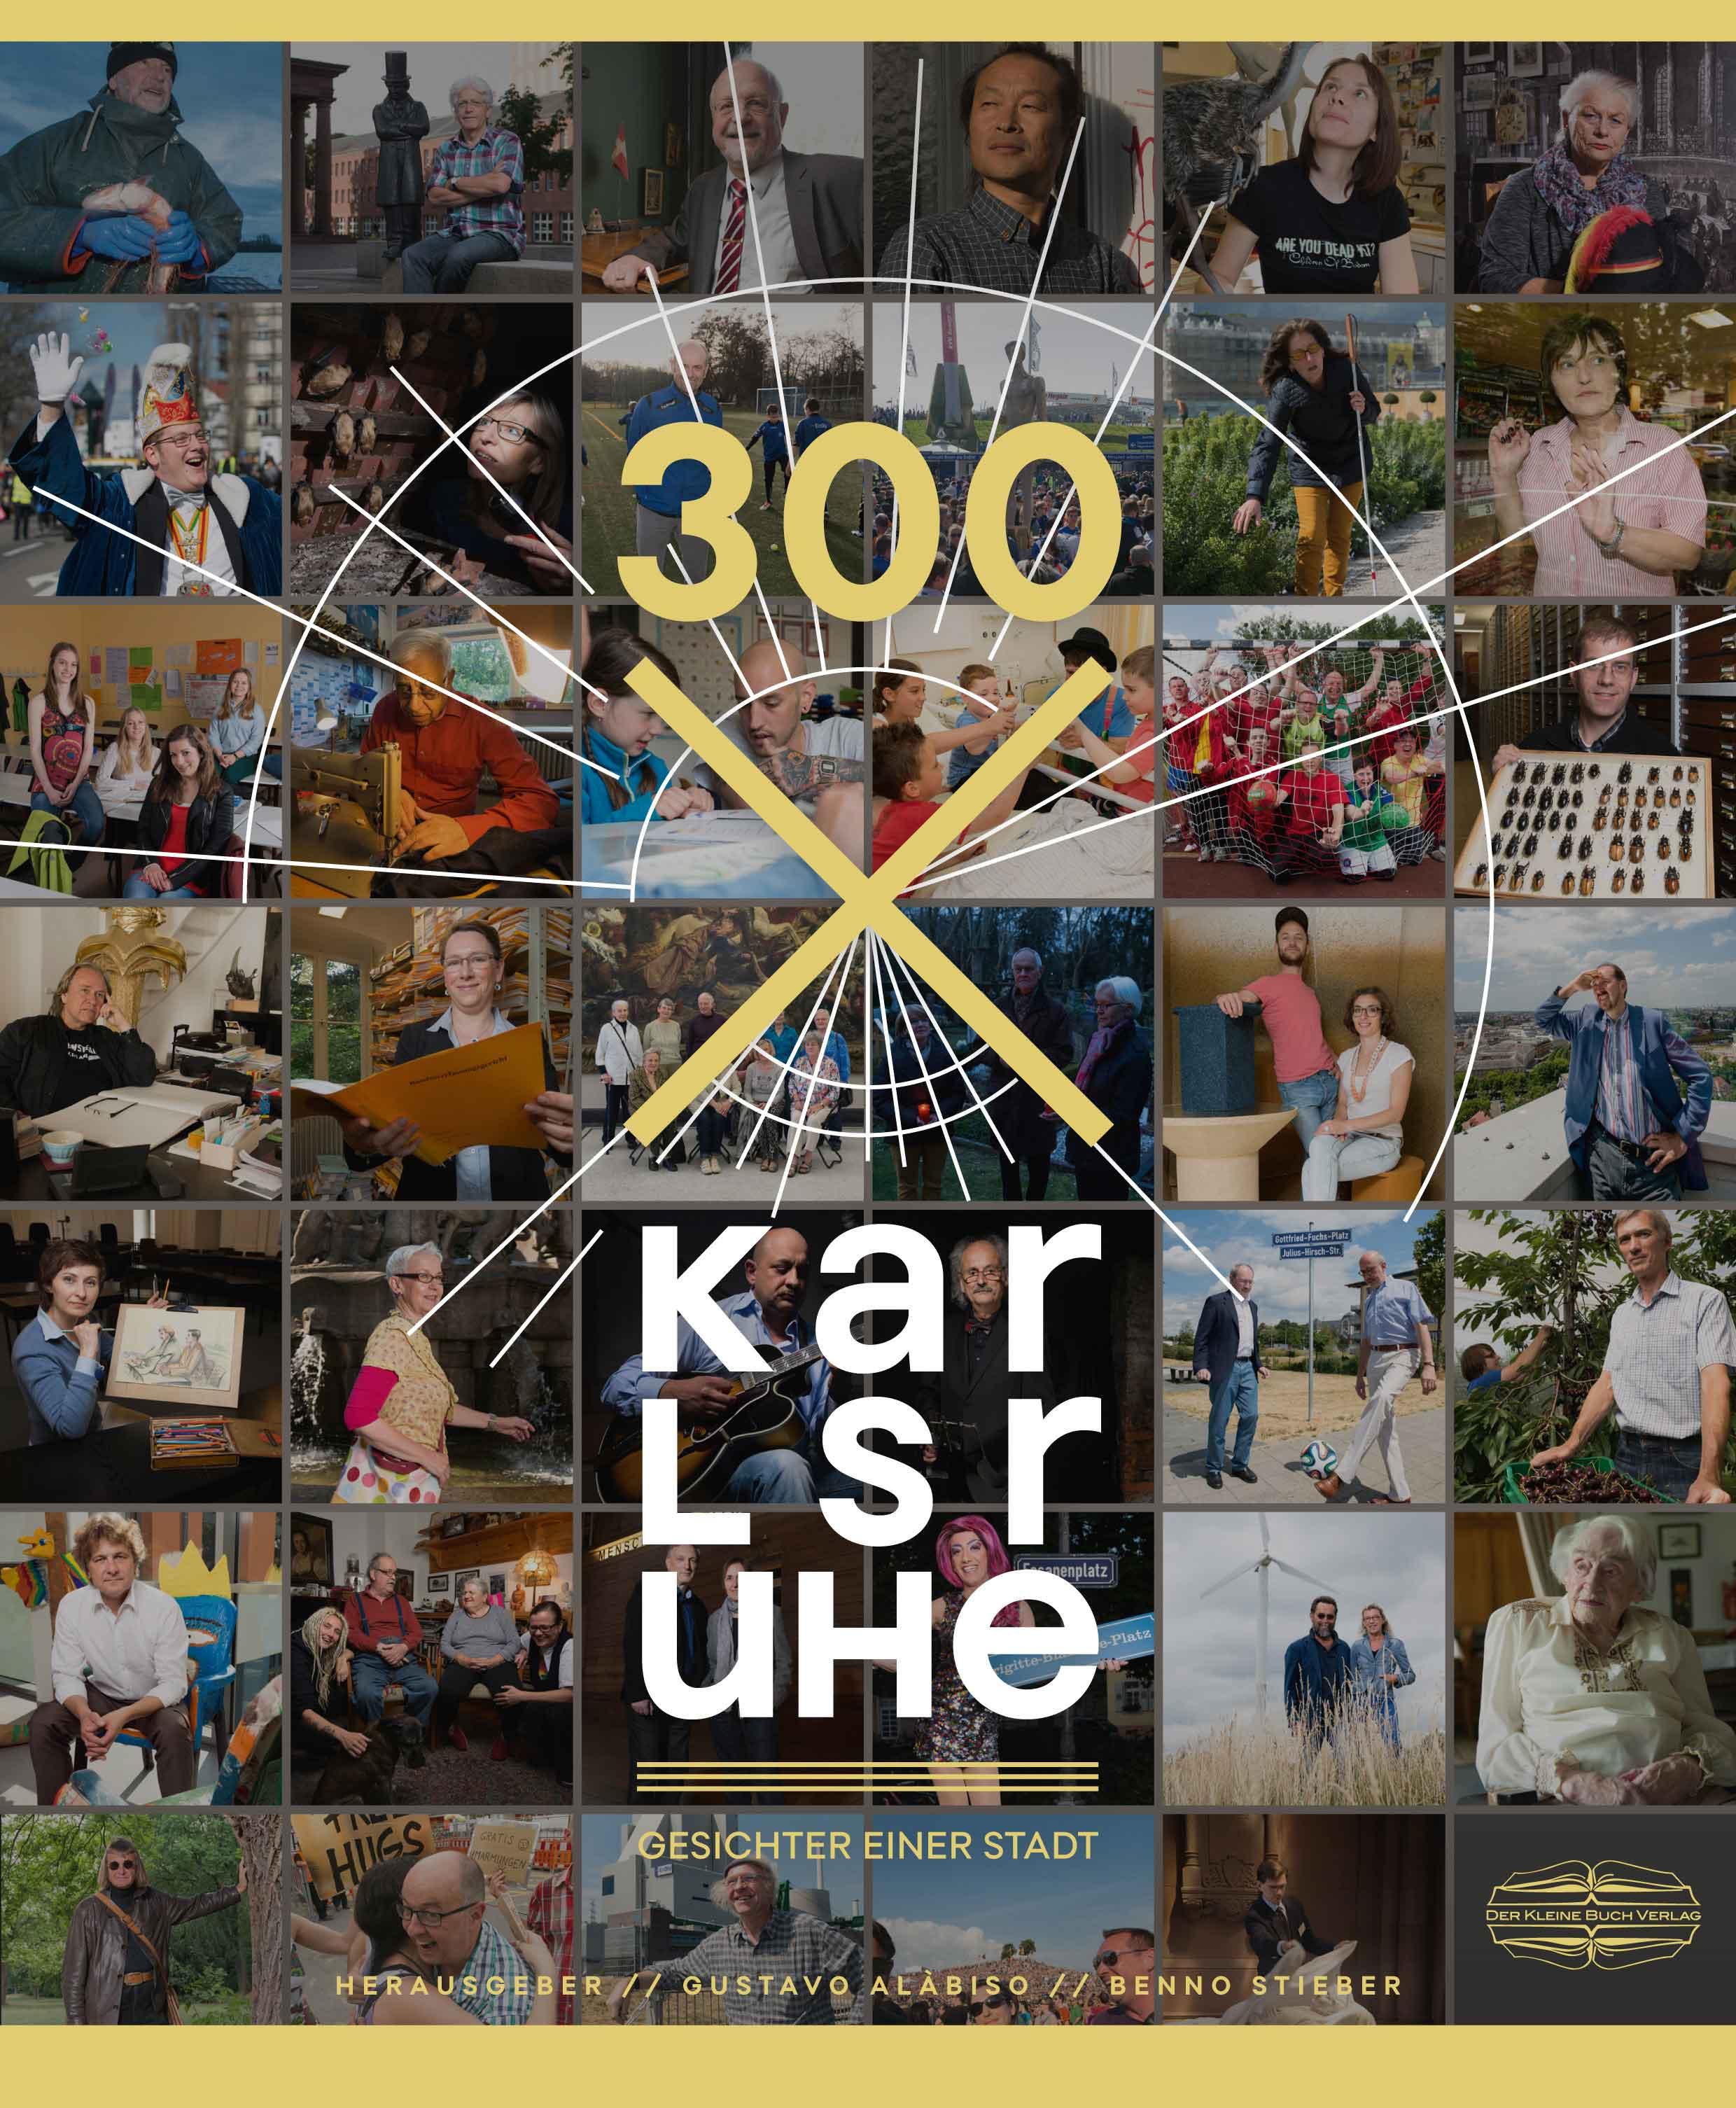 300 x Karlsruhe: Gesichter einer Stadt